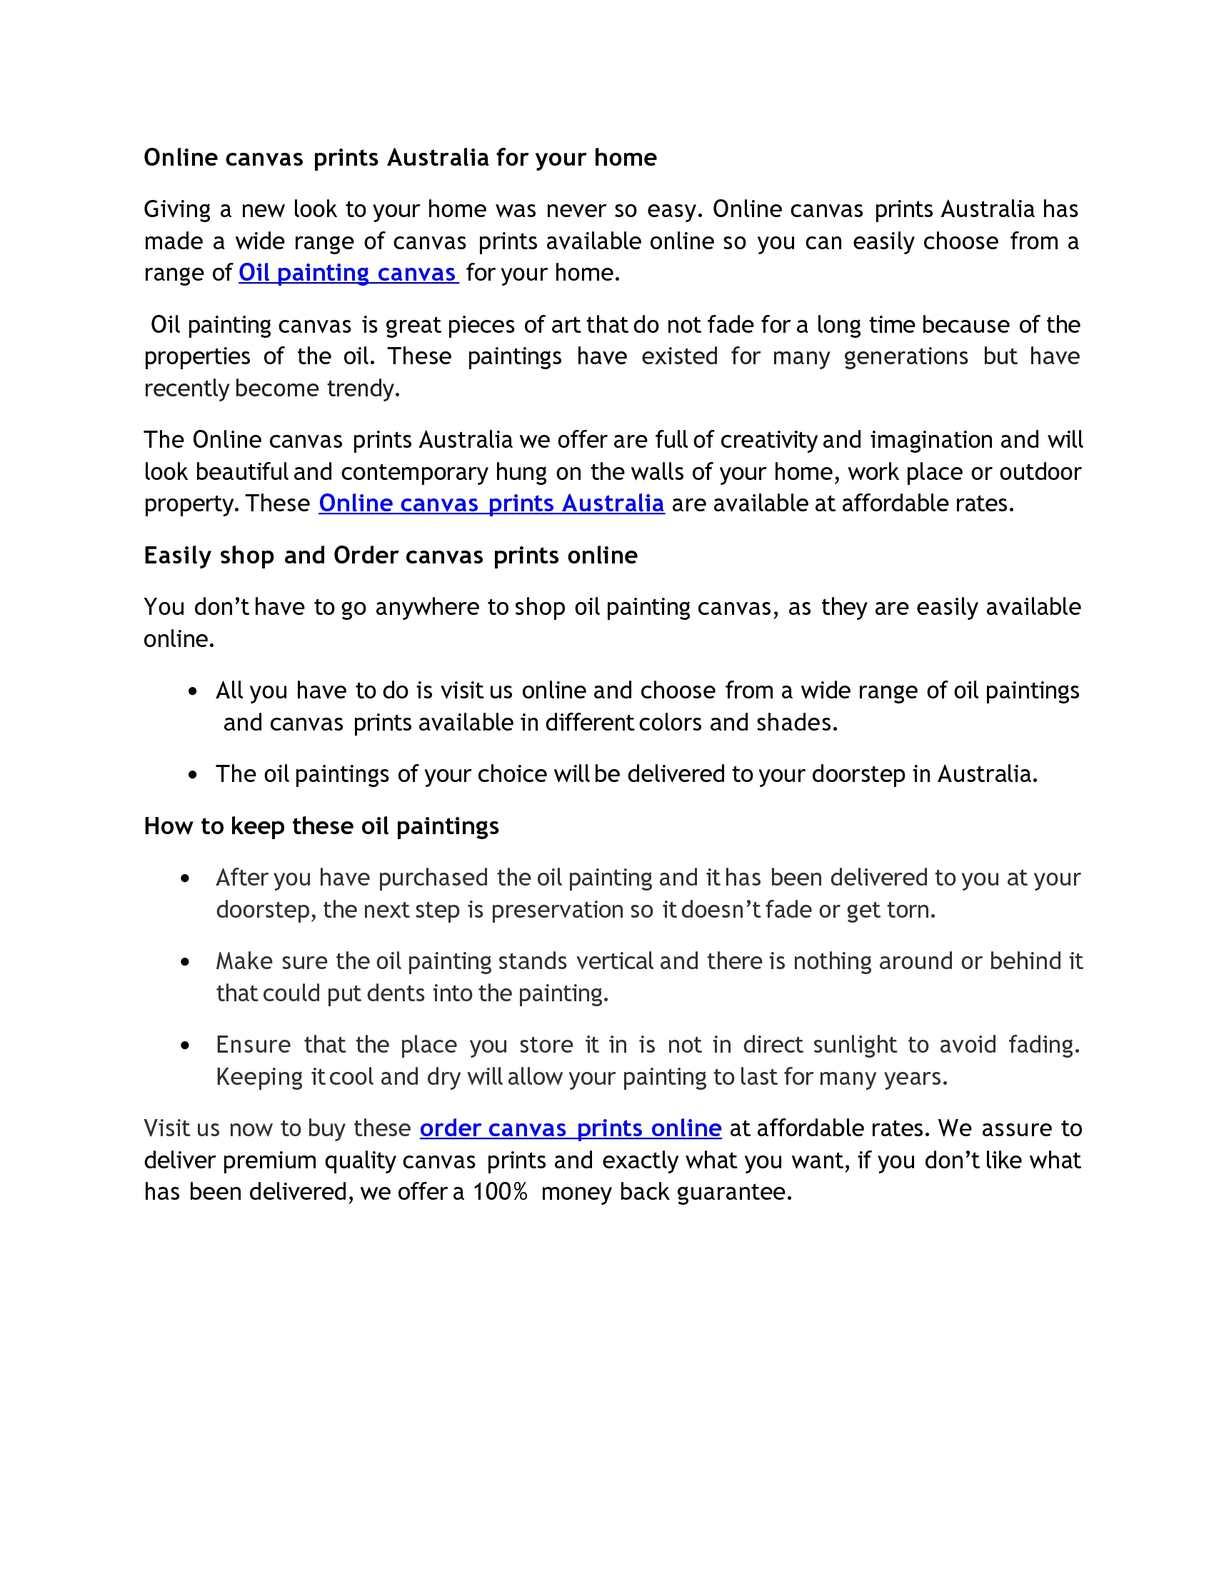 Calaméo - Online canvas prints Australia for your home